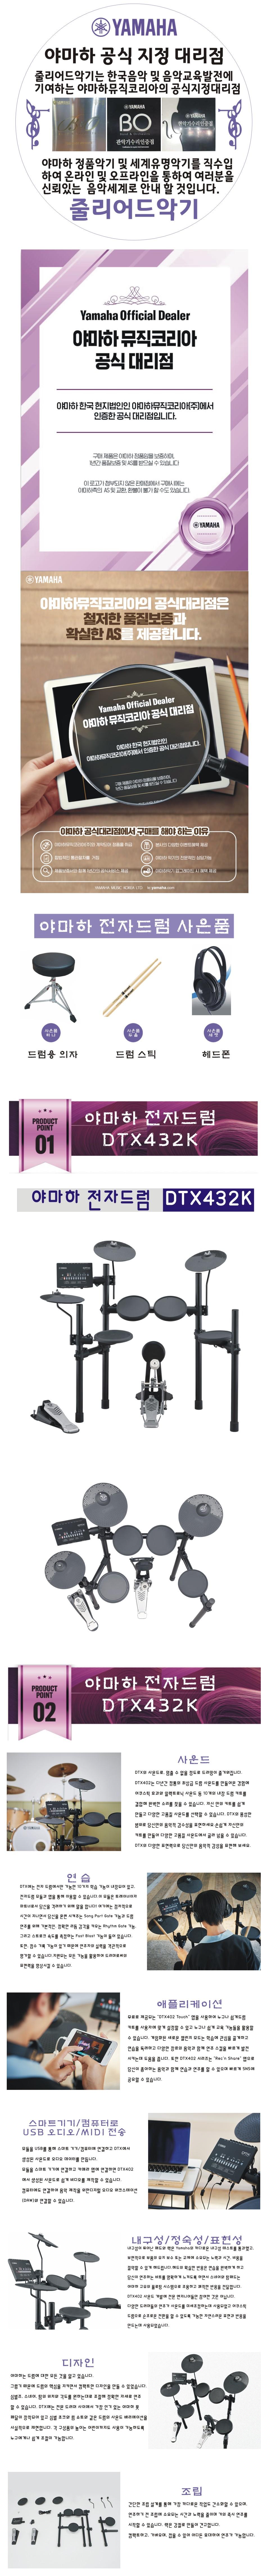 DTX432K%EC%84%A4%EB%AA%851.JPG